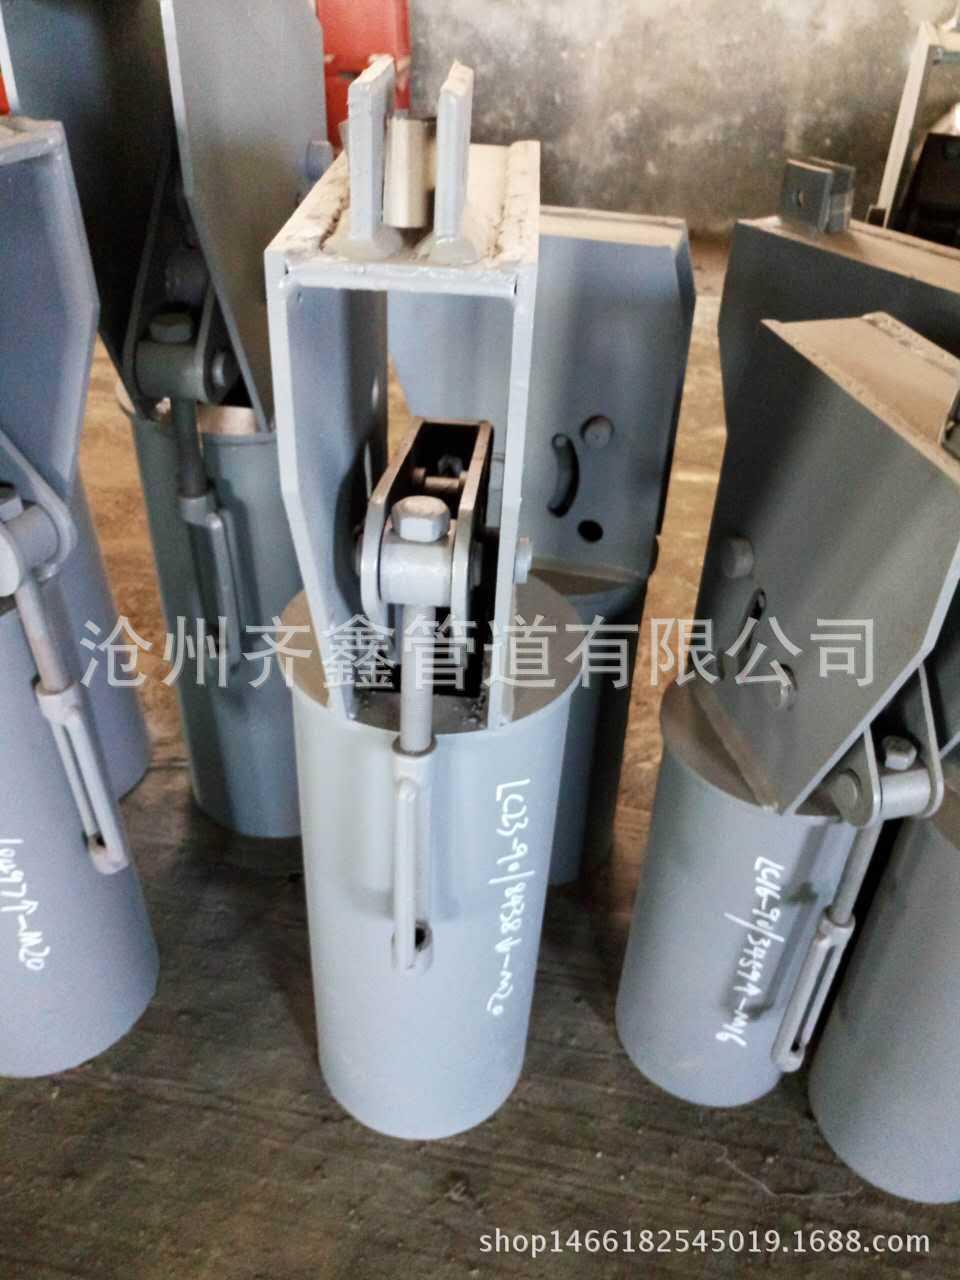 Tề chuyên sản xuất khung ống kẹp ba lỗ clip xuân cây móc áo